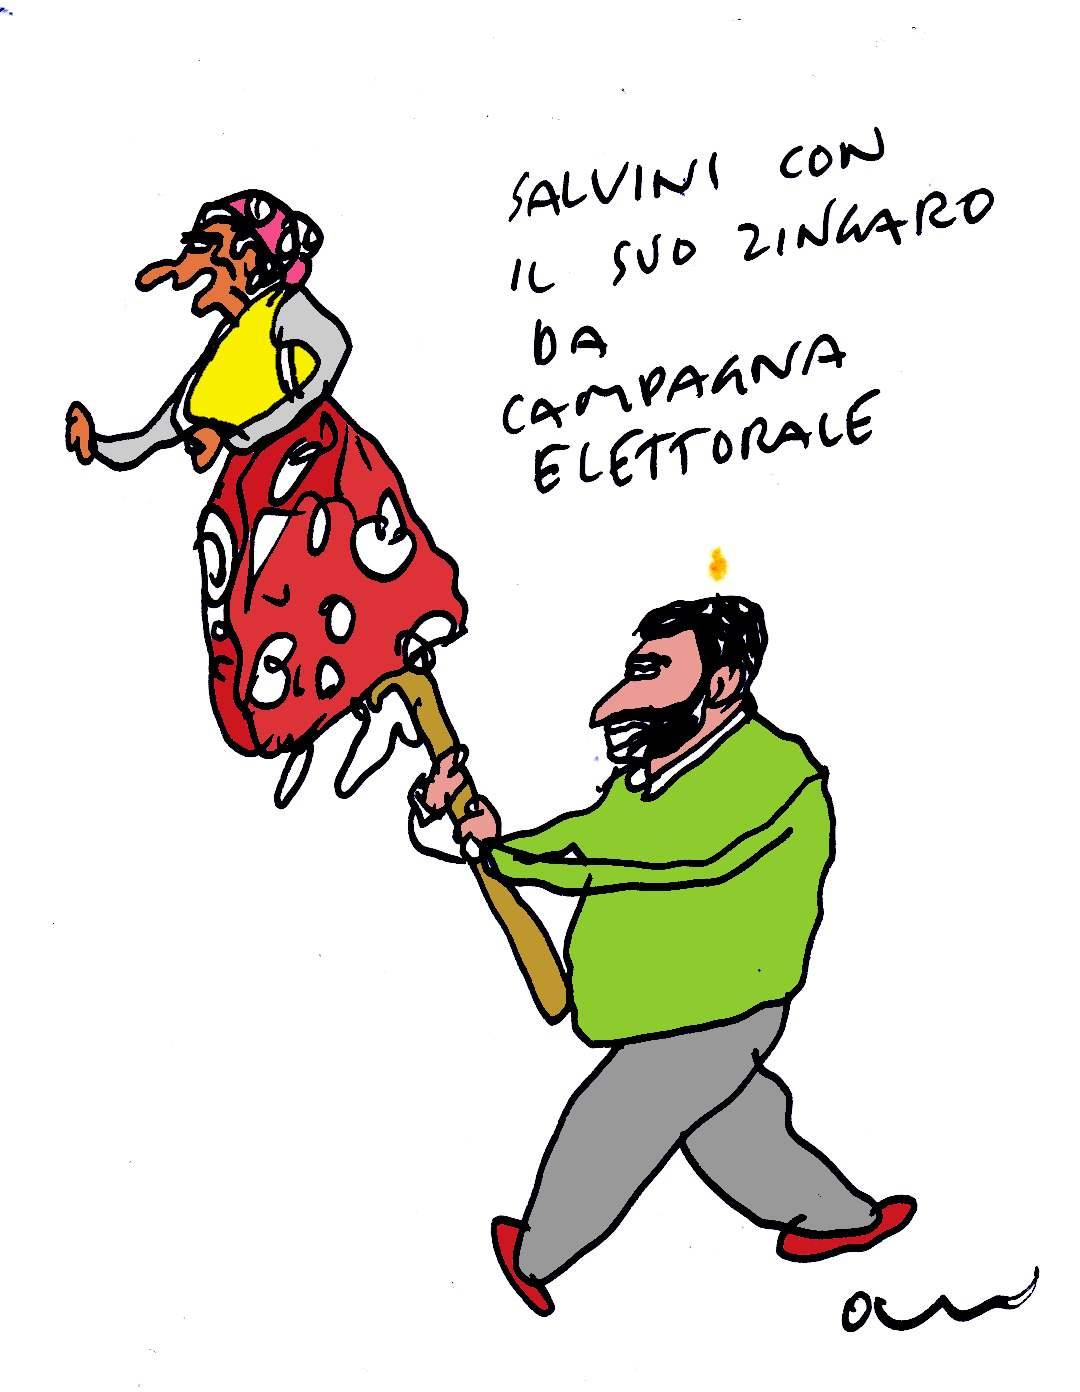 zingaro elettoraleK